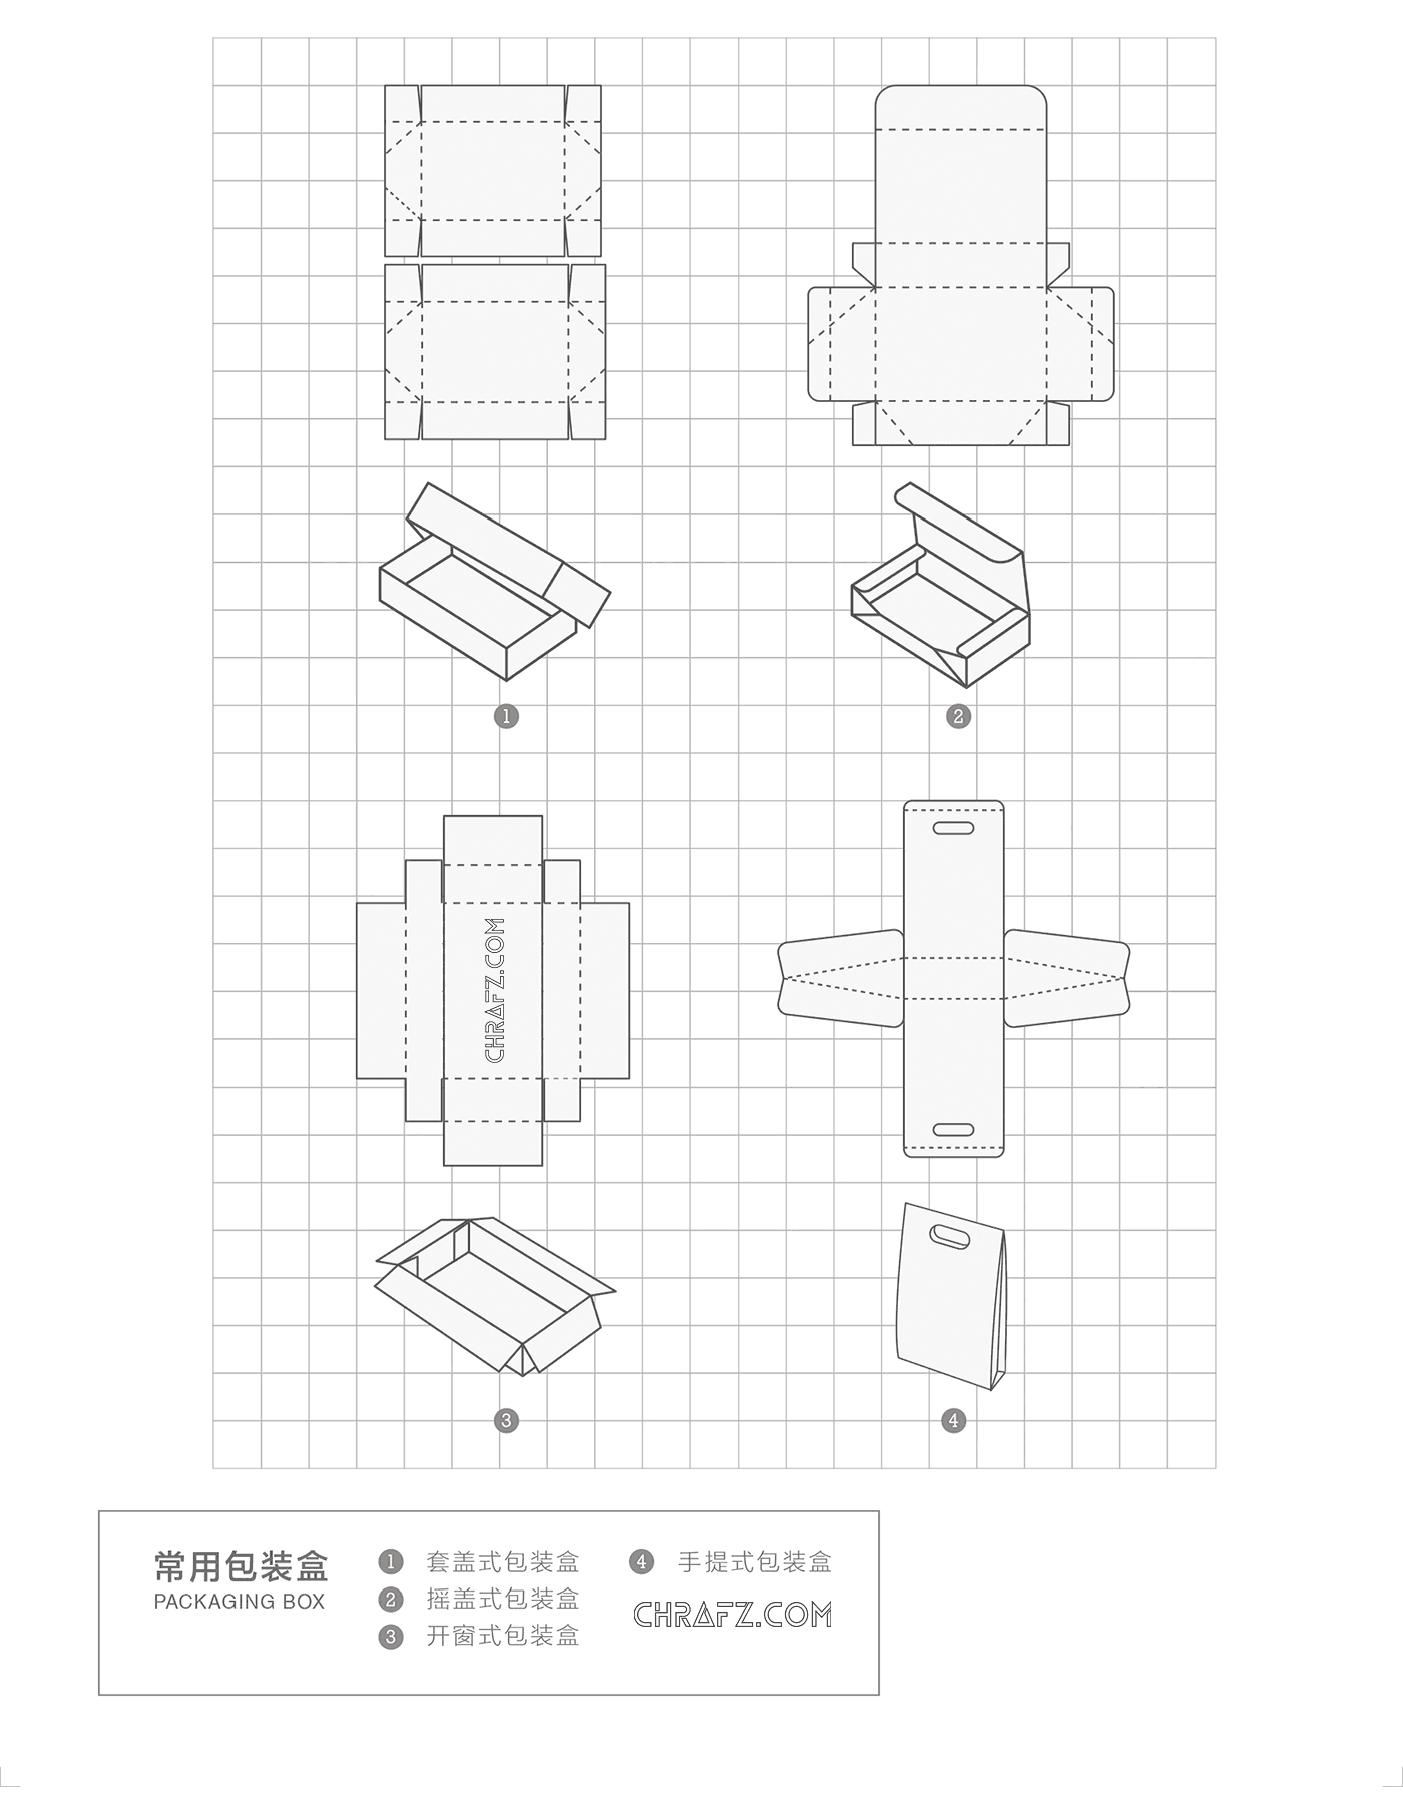 在设计中常用包装盒的规范-设计